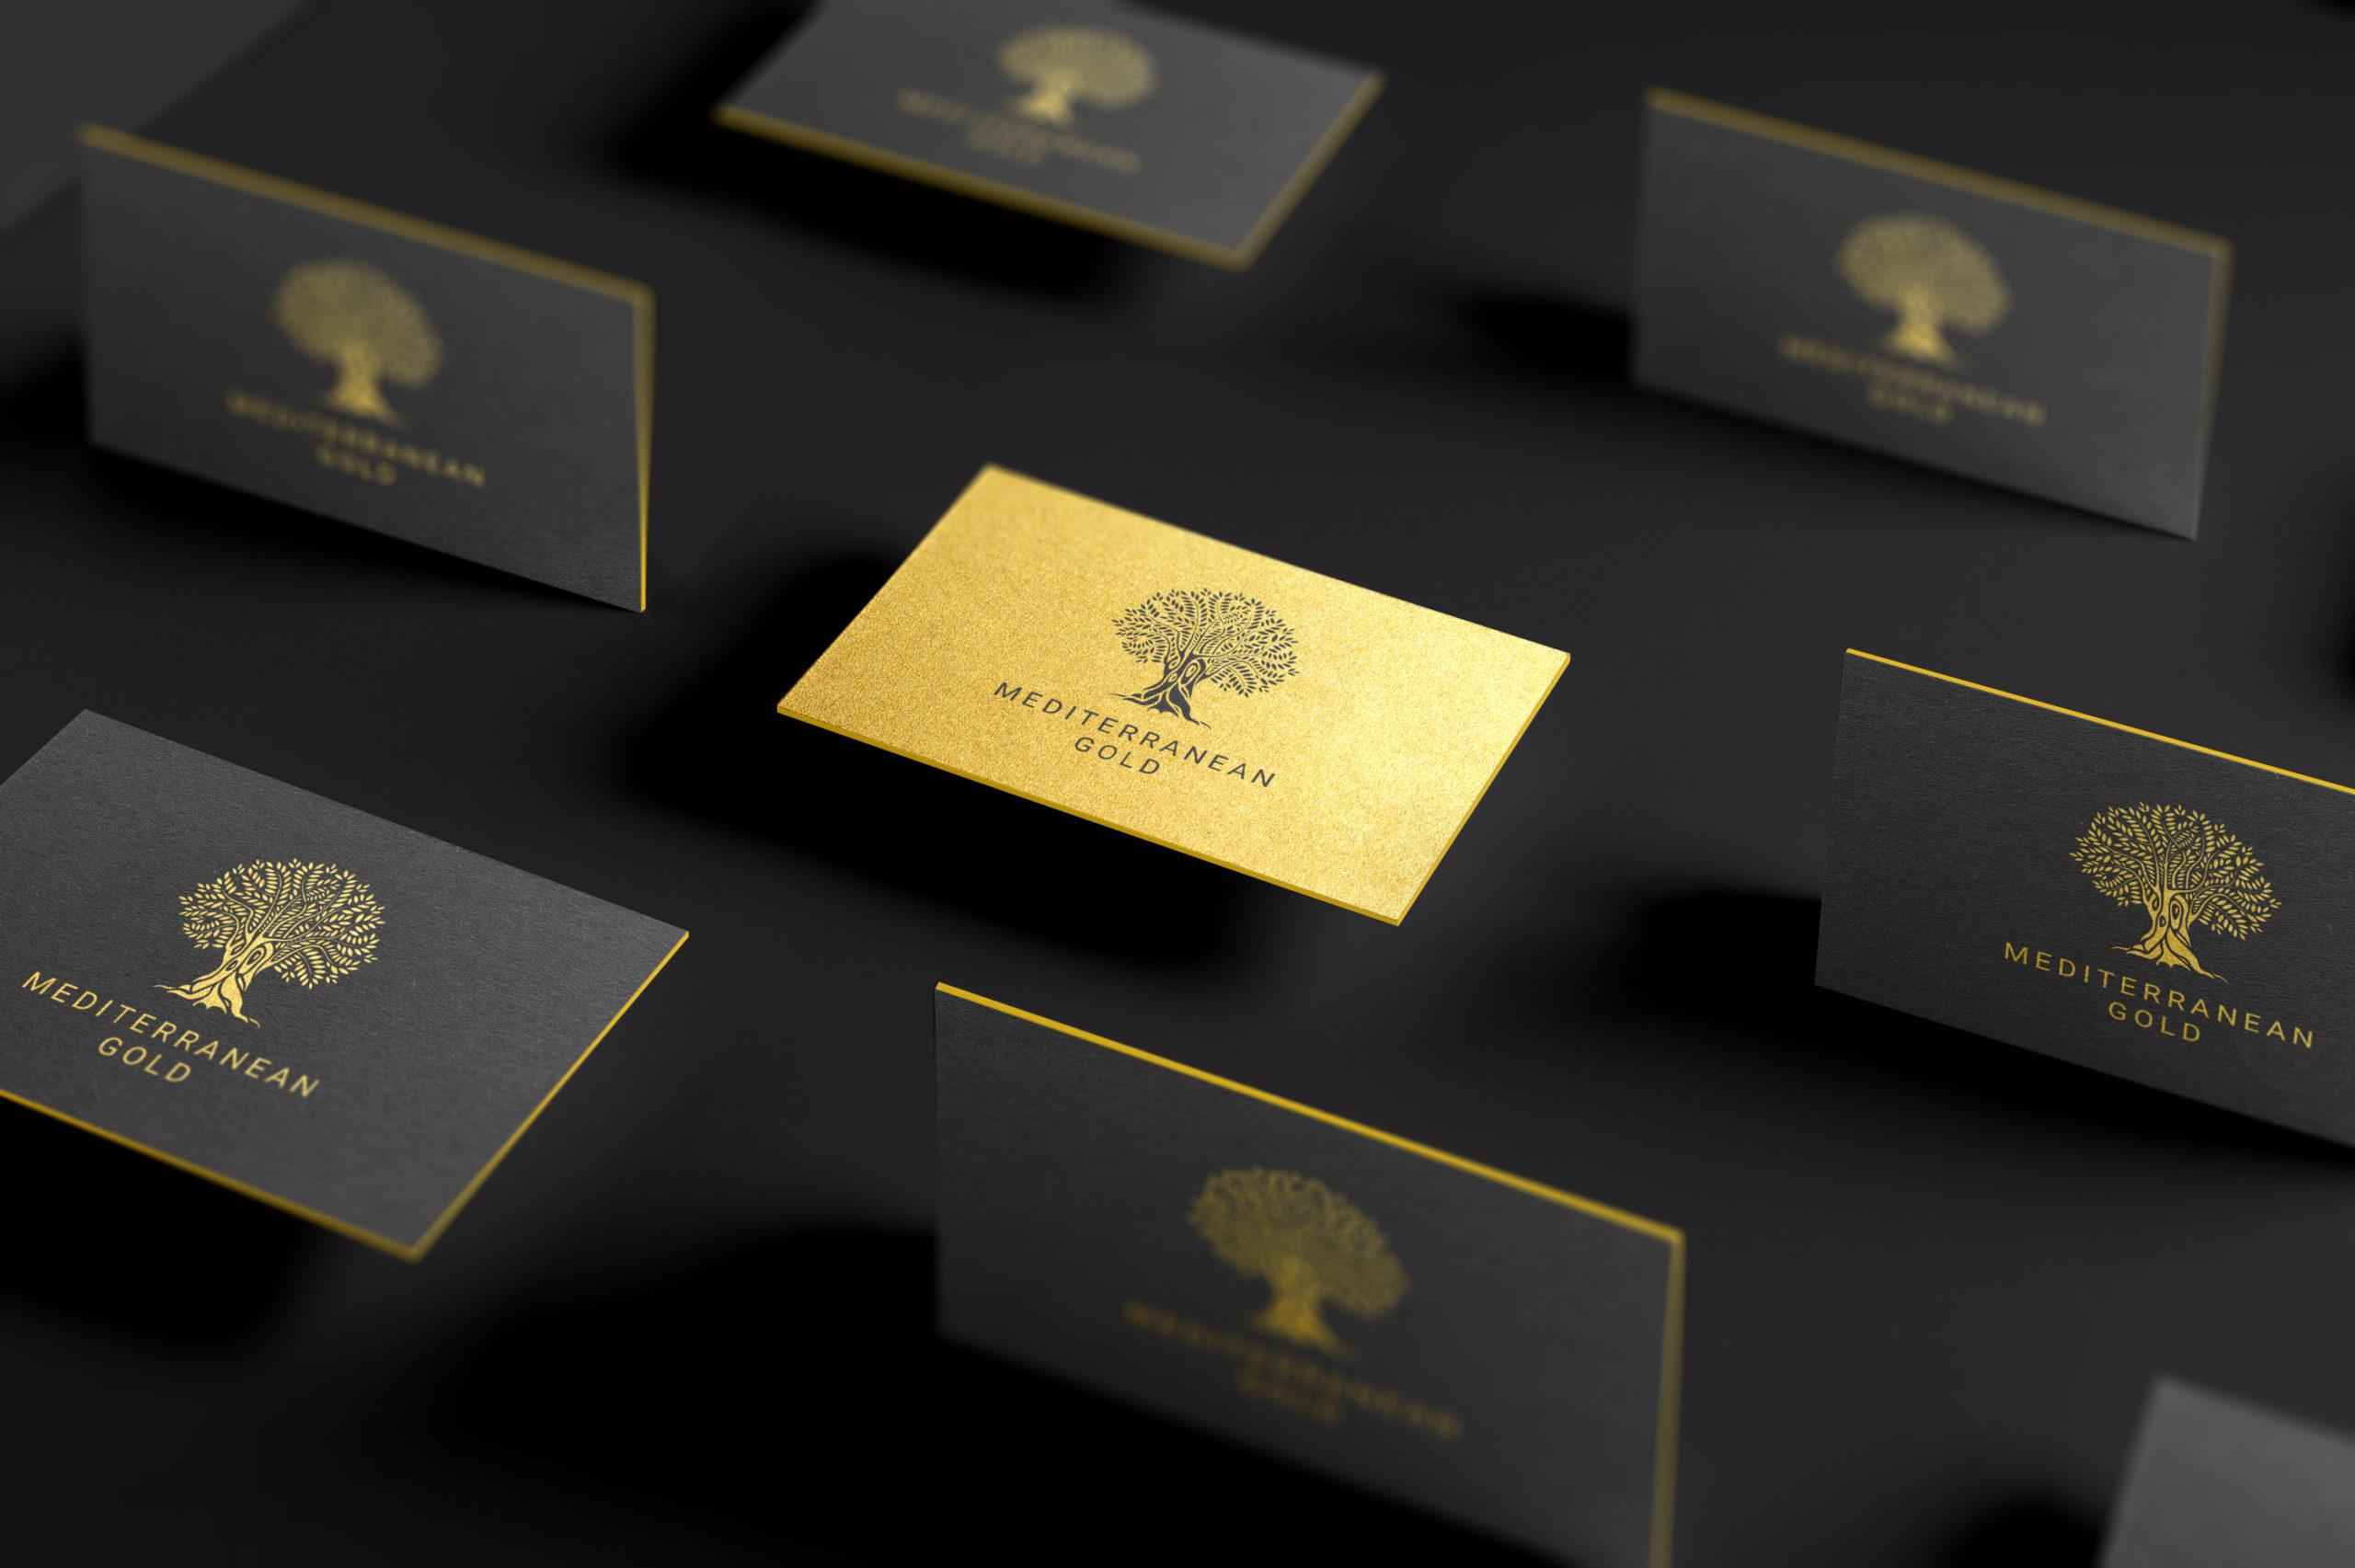 Mediterranean Gold brand identity